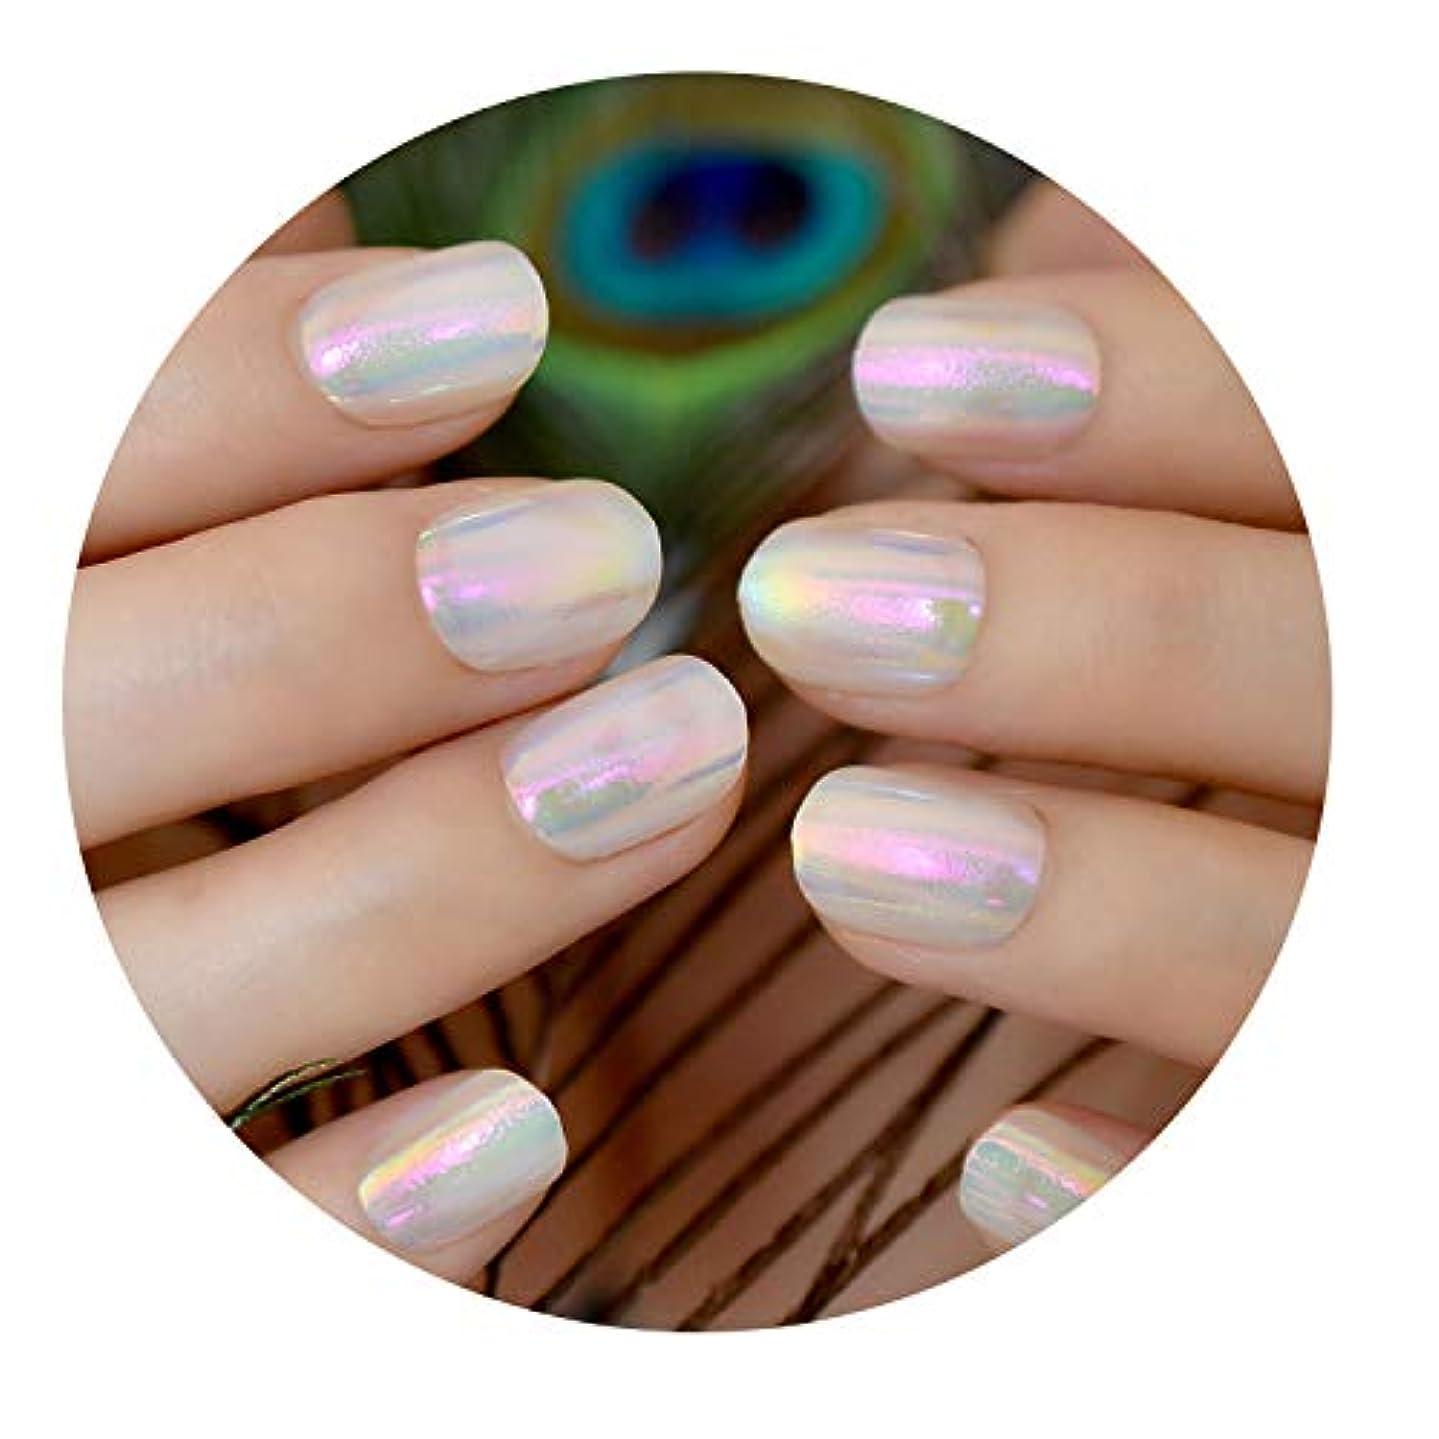 酸化する意志不実アクリル偽爪短いラウンドデザイン人工爪のヒントミラーDIY指パッチサロン製品,Z856